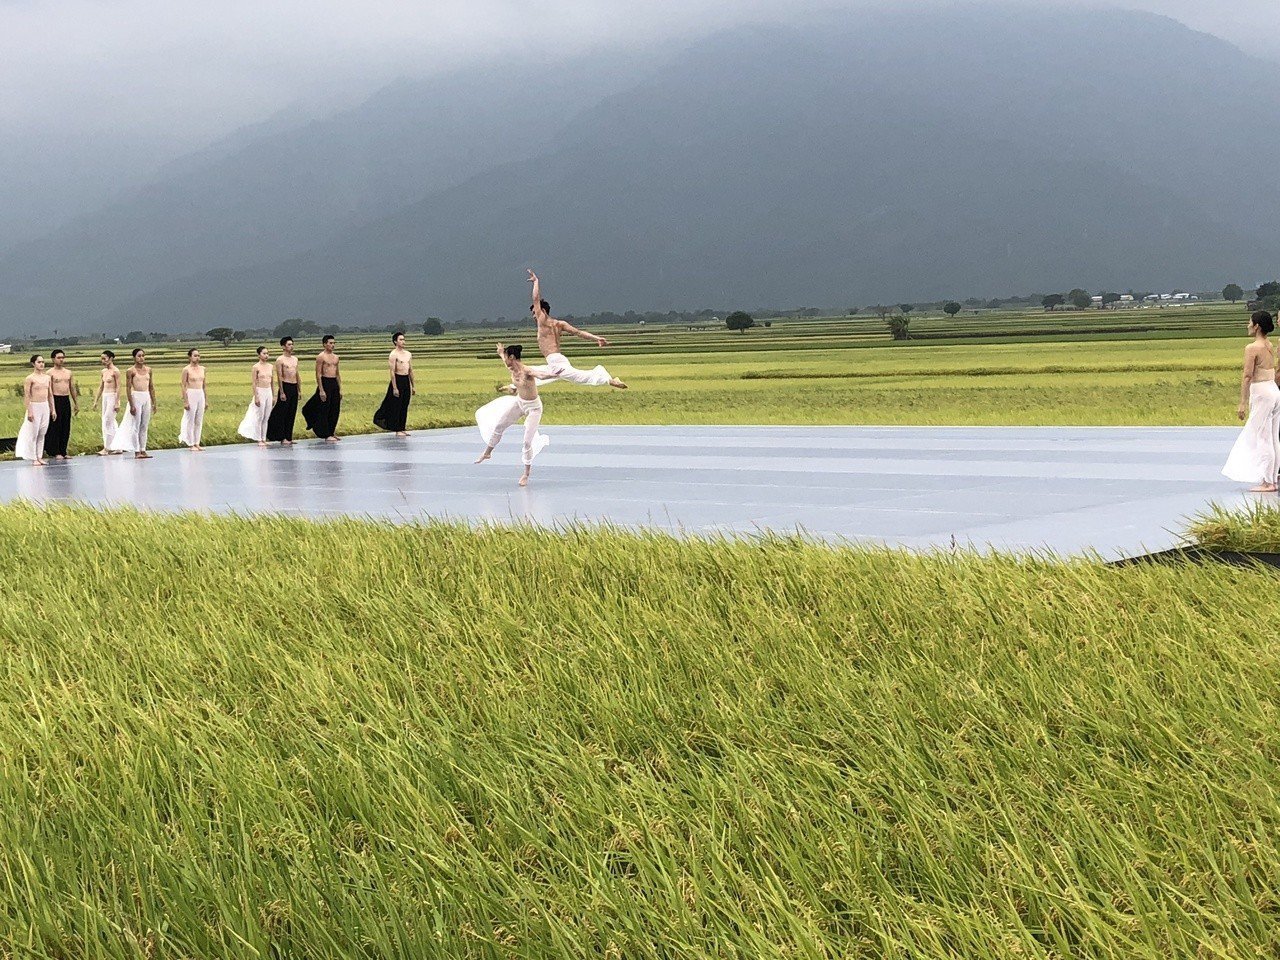 雲門昨在台東池上演出,由於沒下雨,舞者才能做這種「飛起」的跳躍動作。不過因為風大...